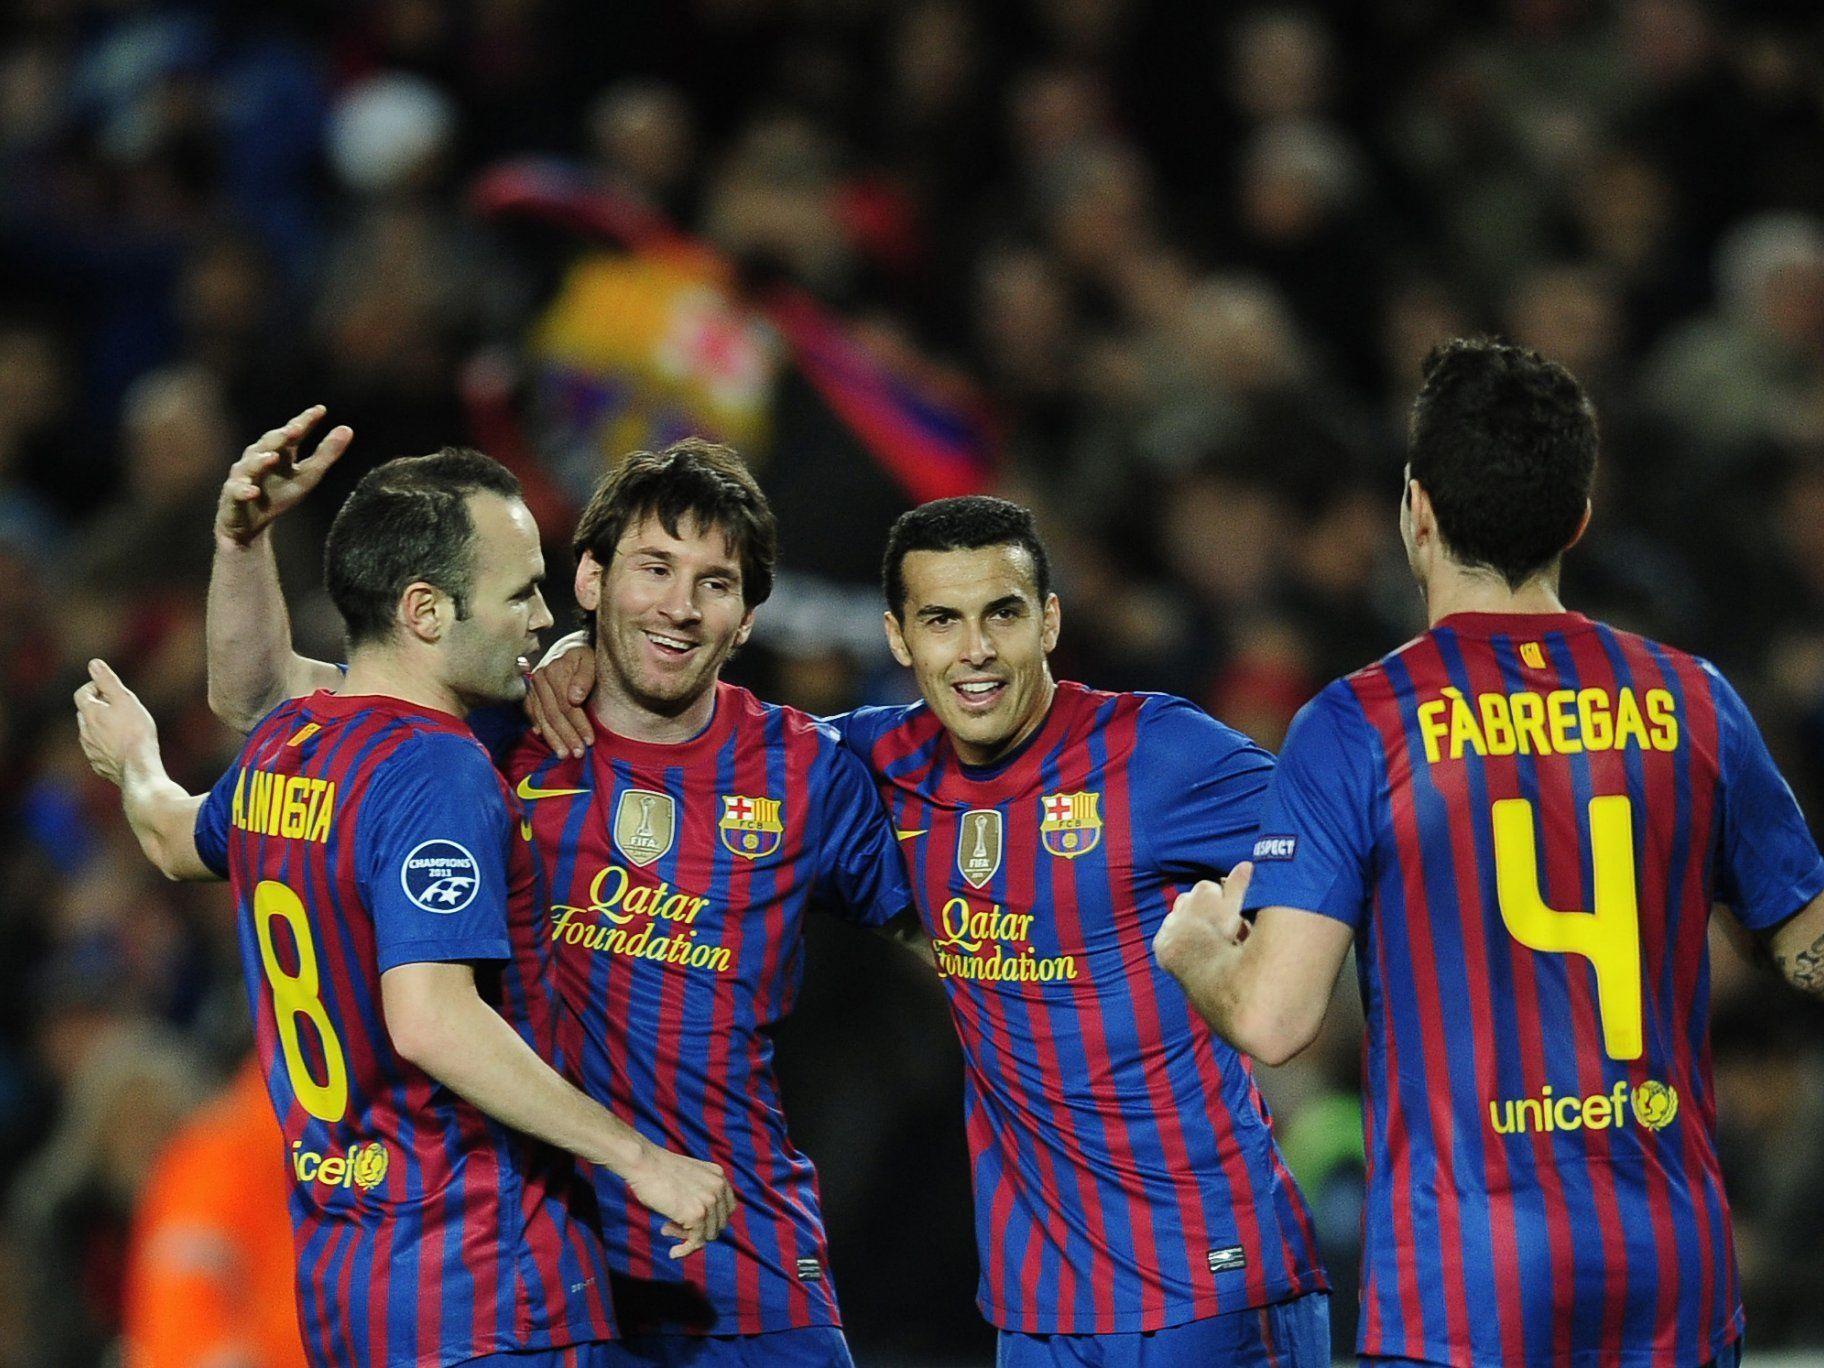 Barcelona gab beim 7:1-Sieg Bayer Leverkusen keine Chance.